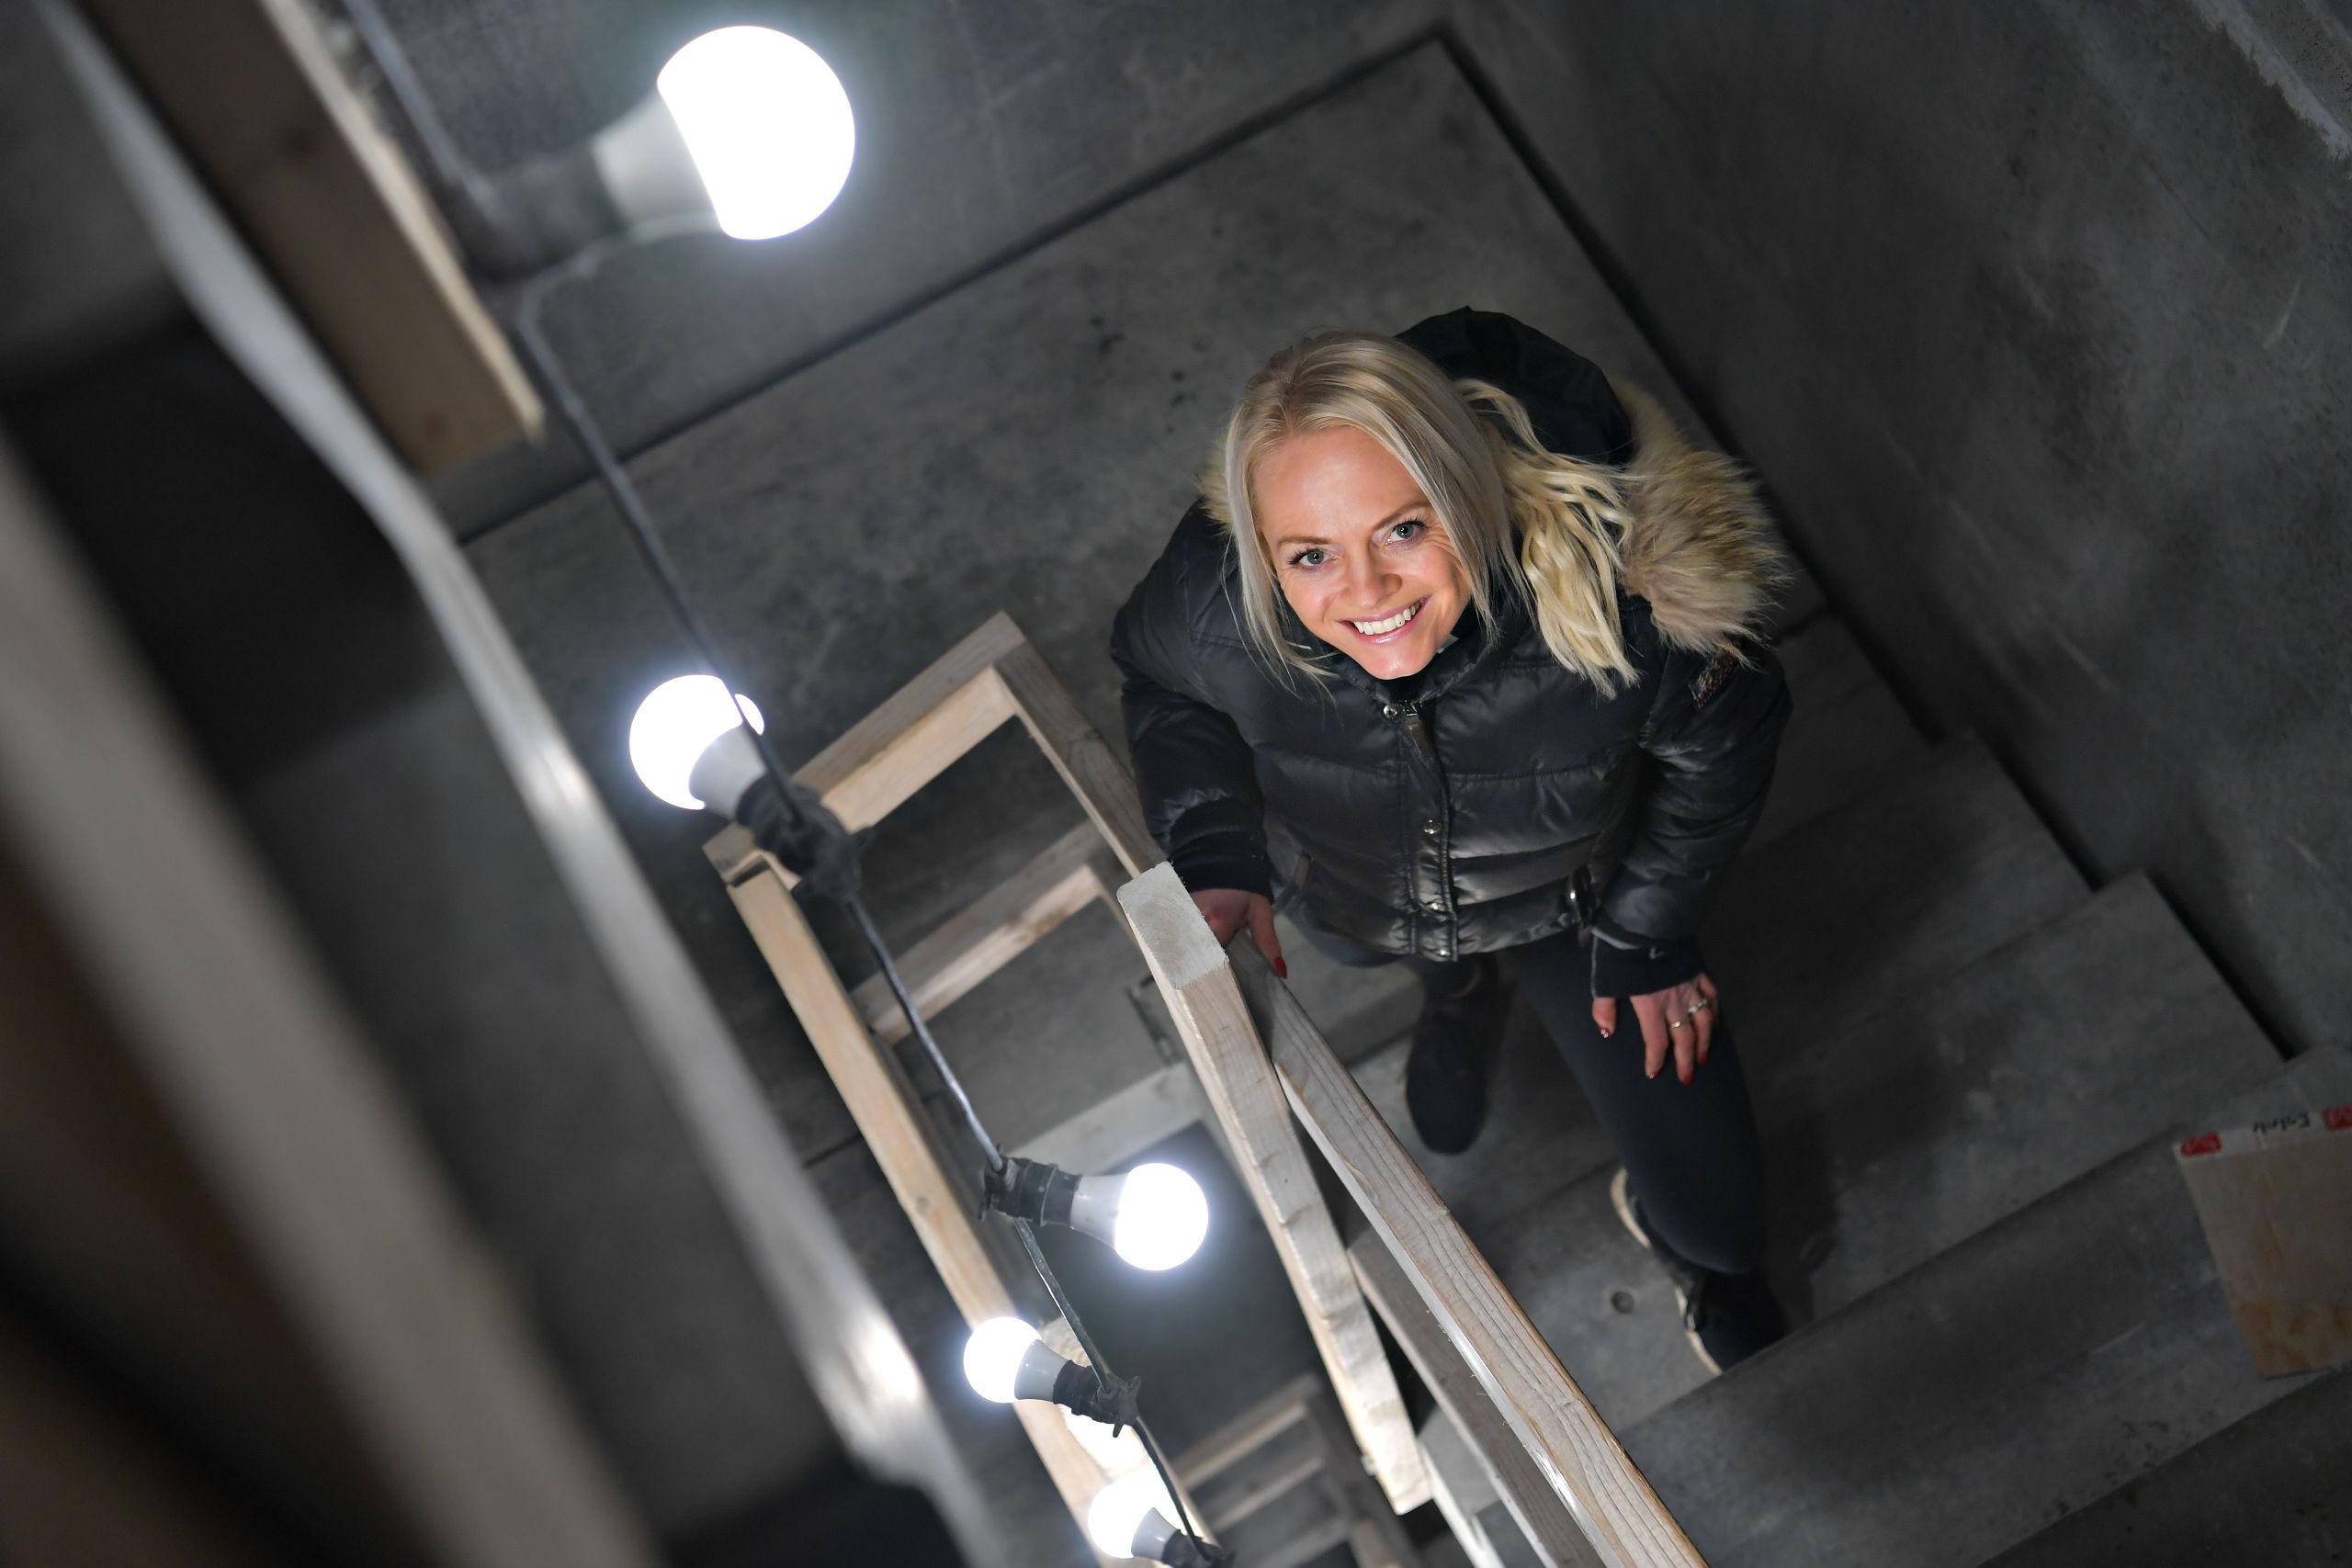 Der er masser af trapper, hvor pulsen kan komme op i Boxits tårn. Foto: Claus Søndberg